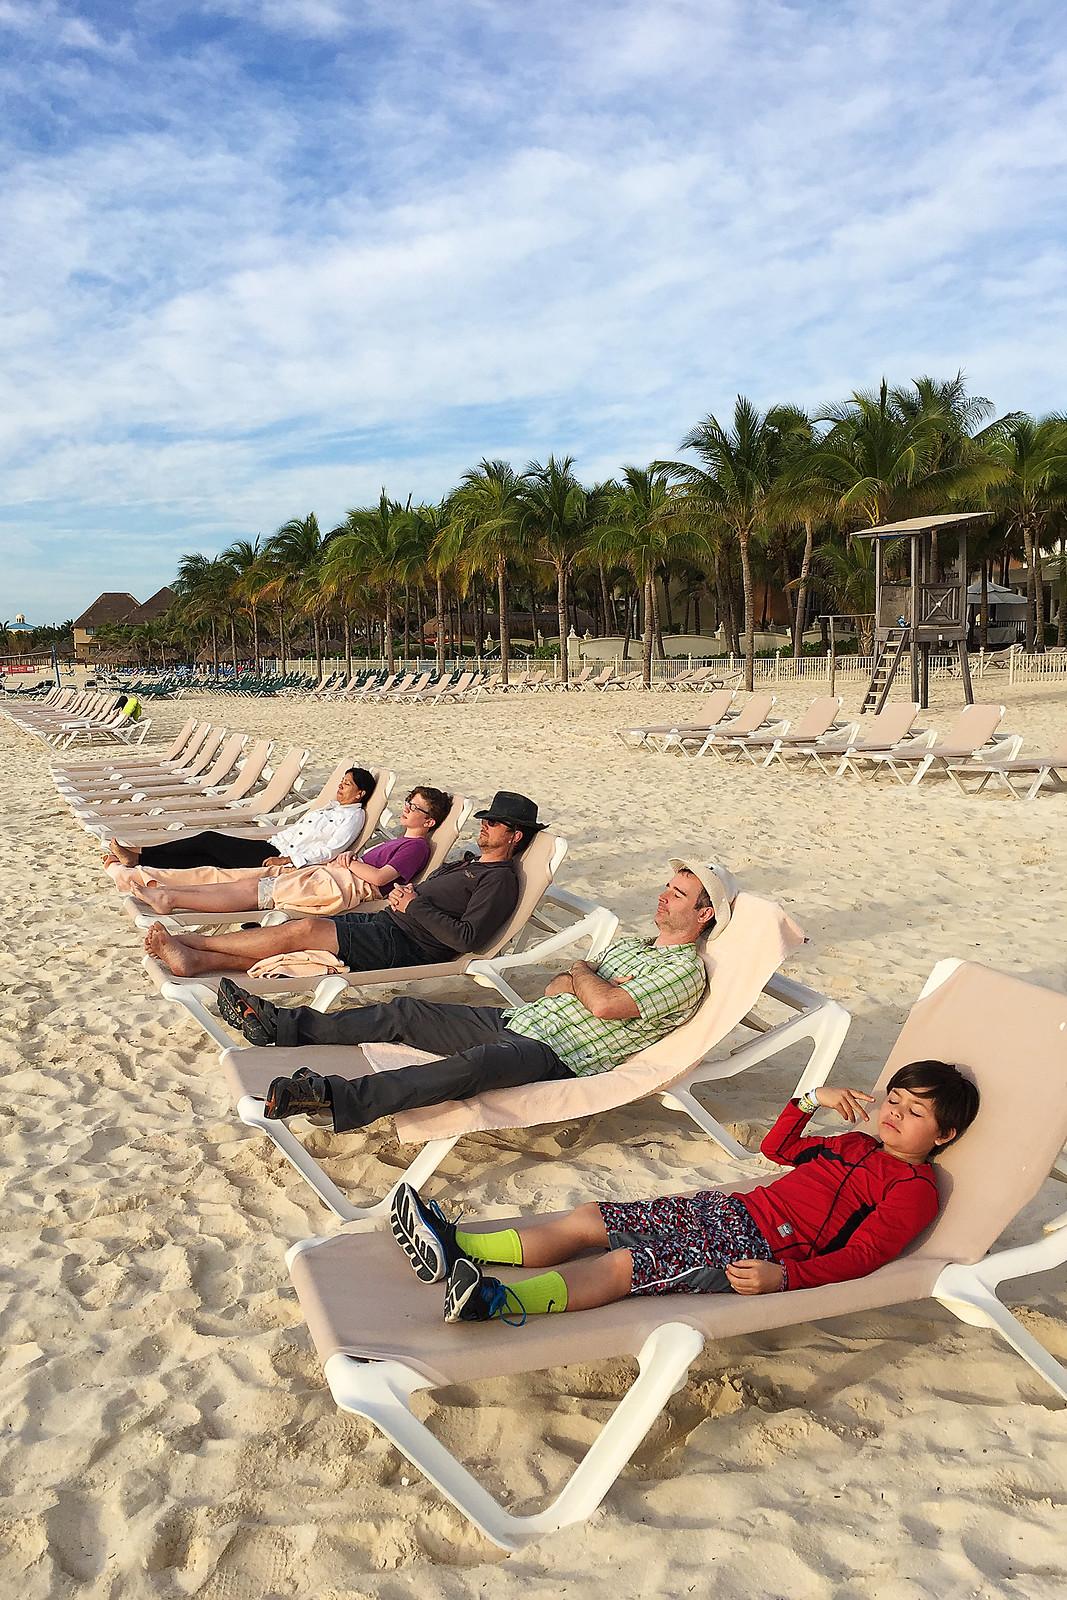 Row of Chairs - Riviera Maya Beach